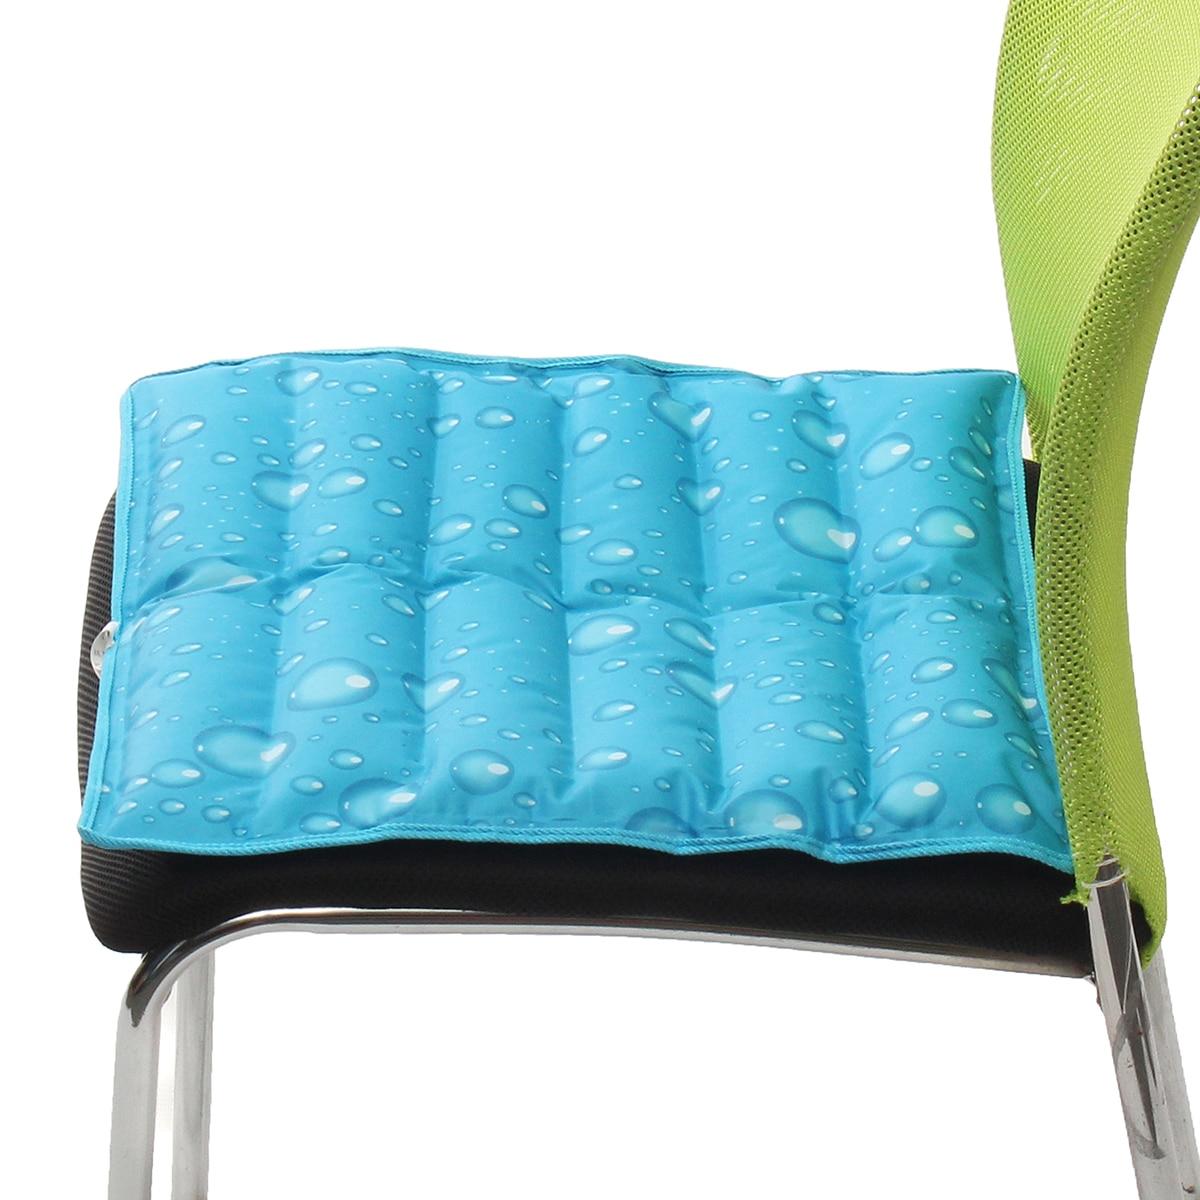 40 см 40 см лето Ice Pad стул подушки галстук для автокресла водяного охлаждения подушки сиденья автокресло крышка протектор